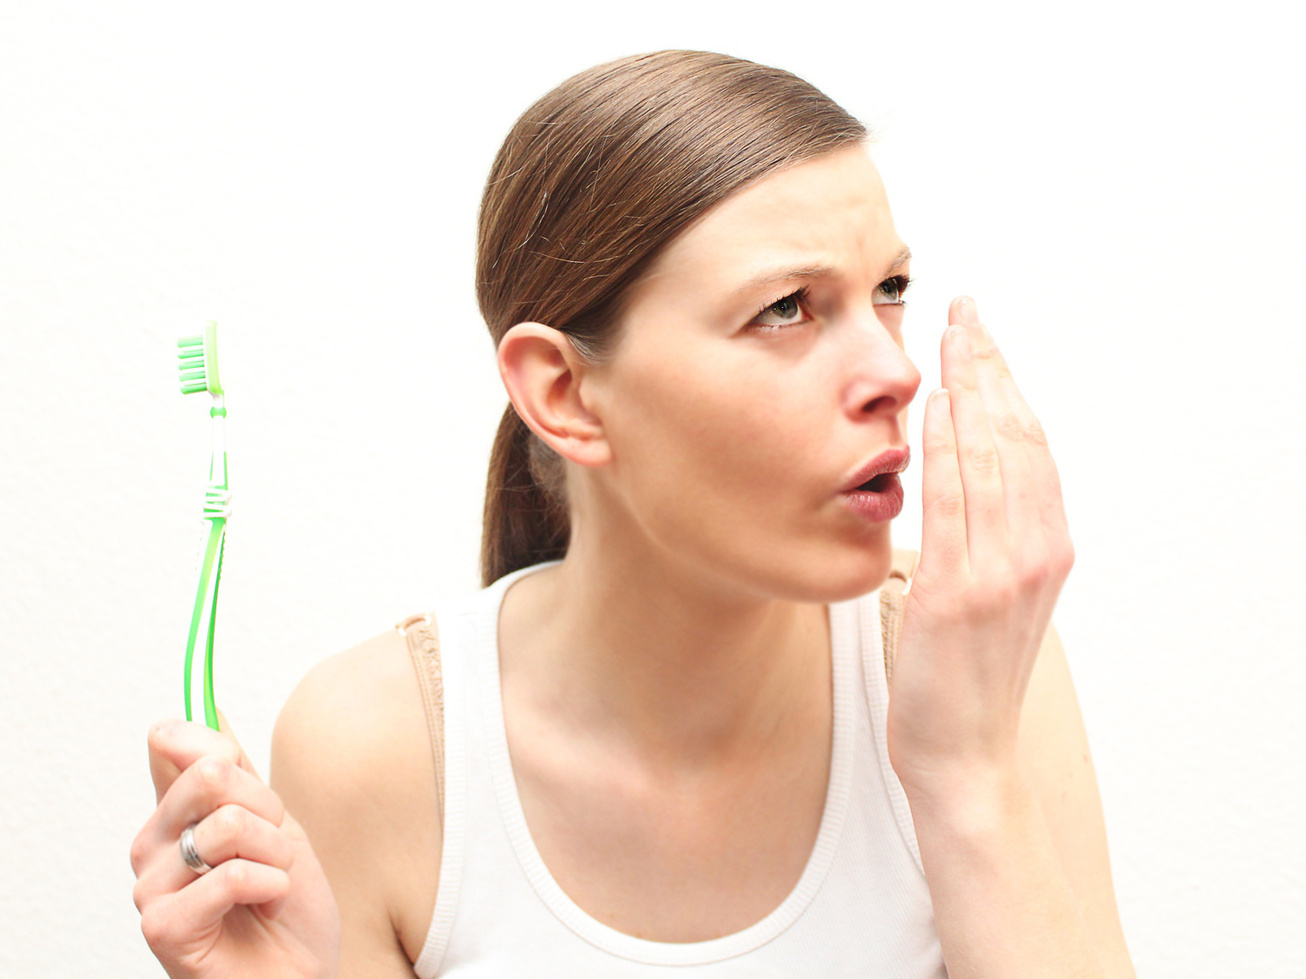 歯磨きで消えない口臭